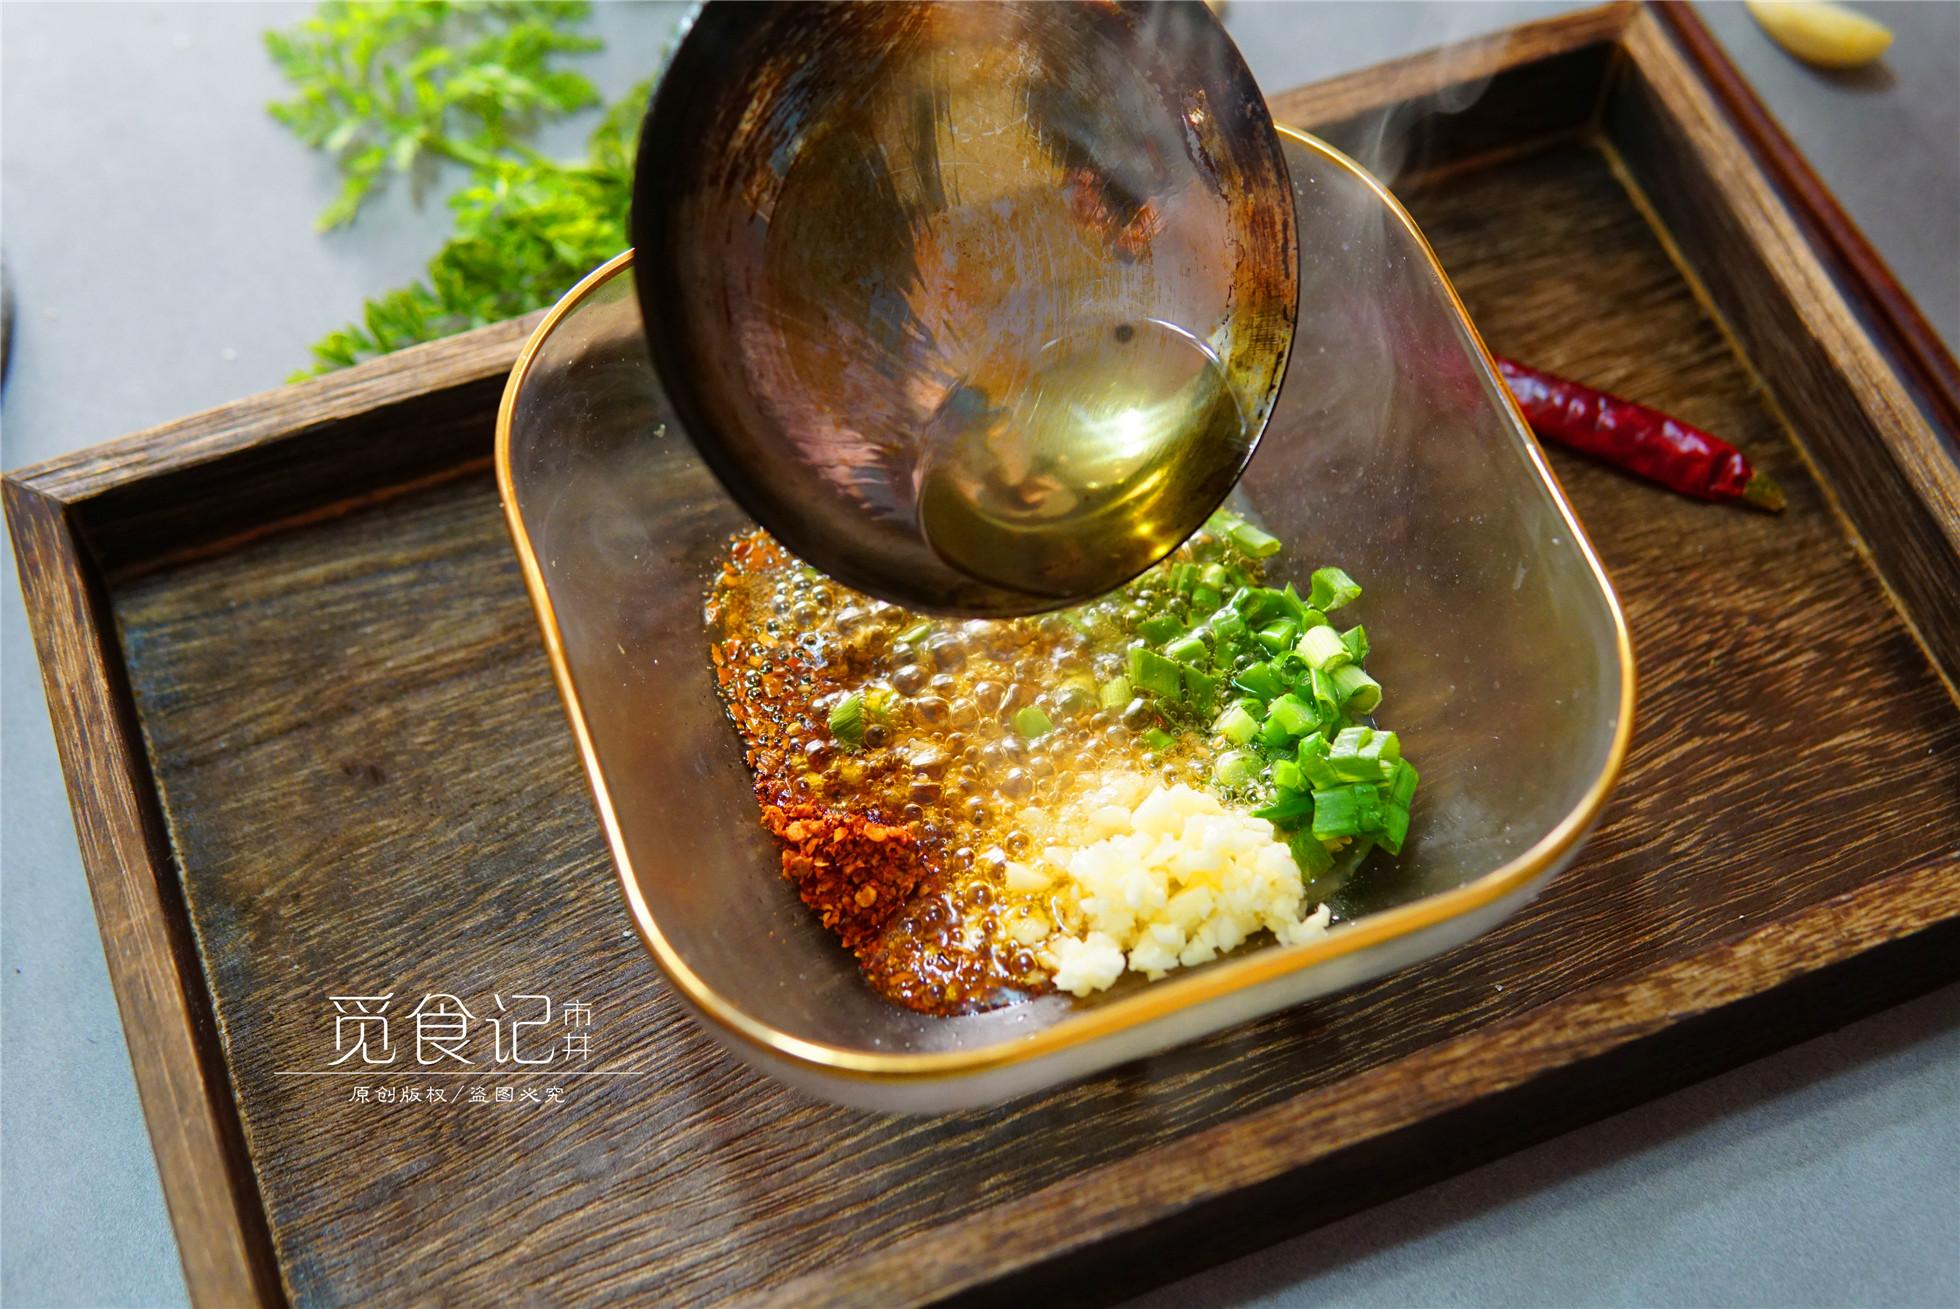 3款超好吃的万能蘸料,吃饺子的绝配,蘸啥都香! 万能蘸料 第2张